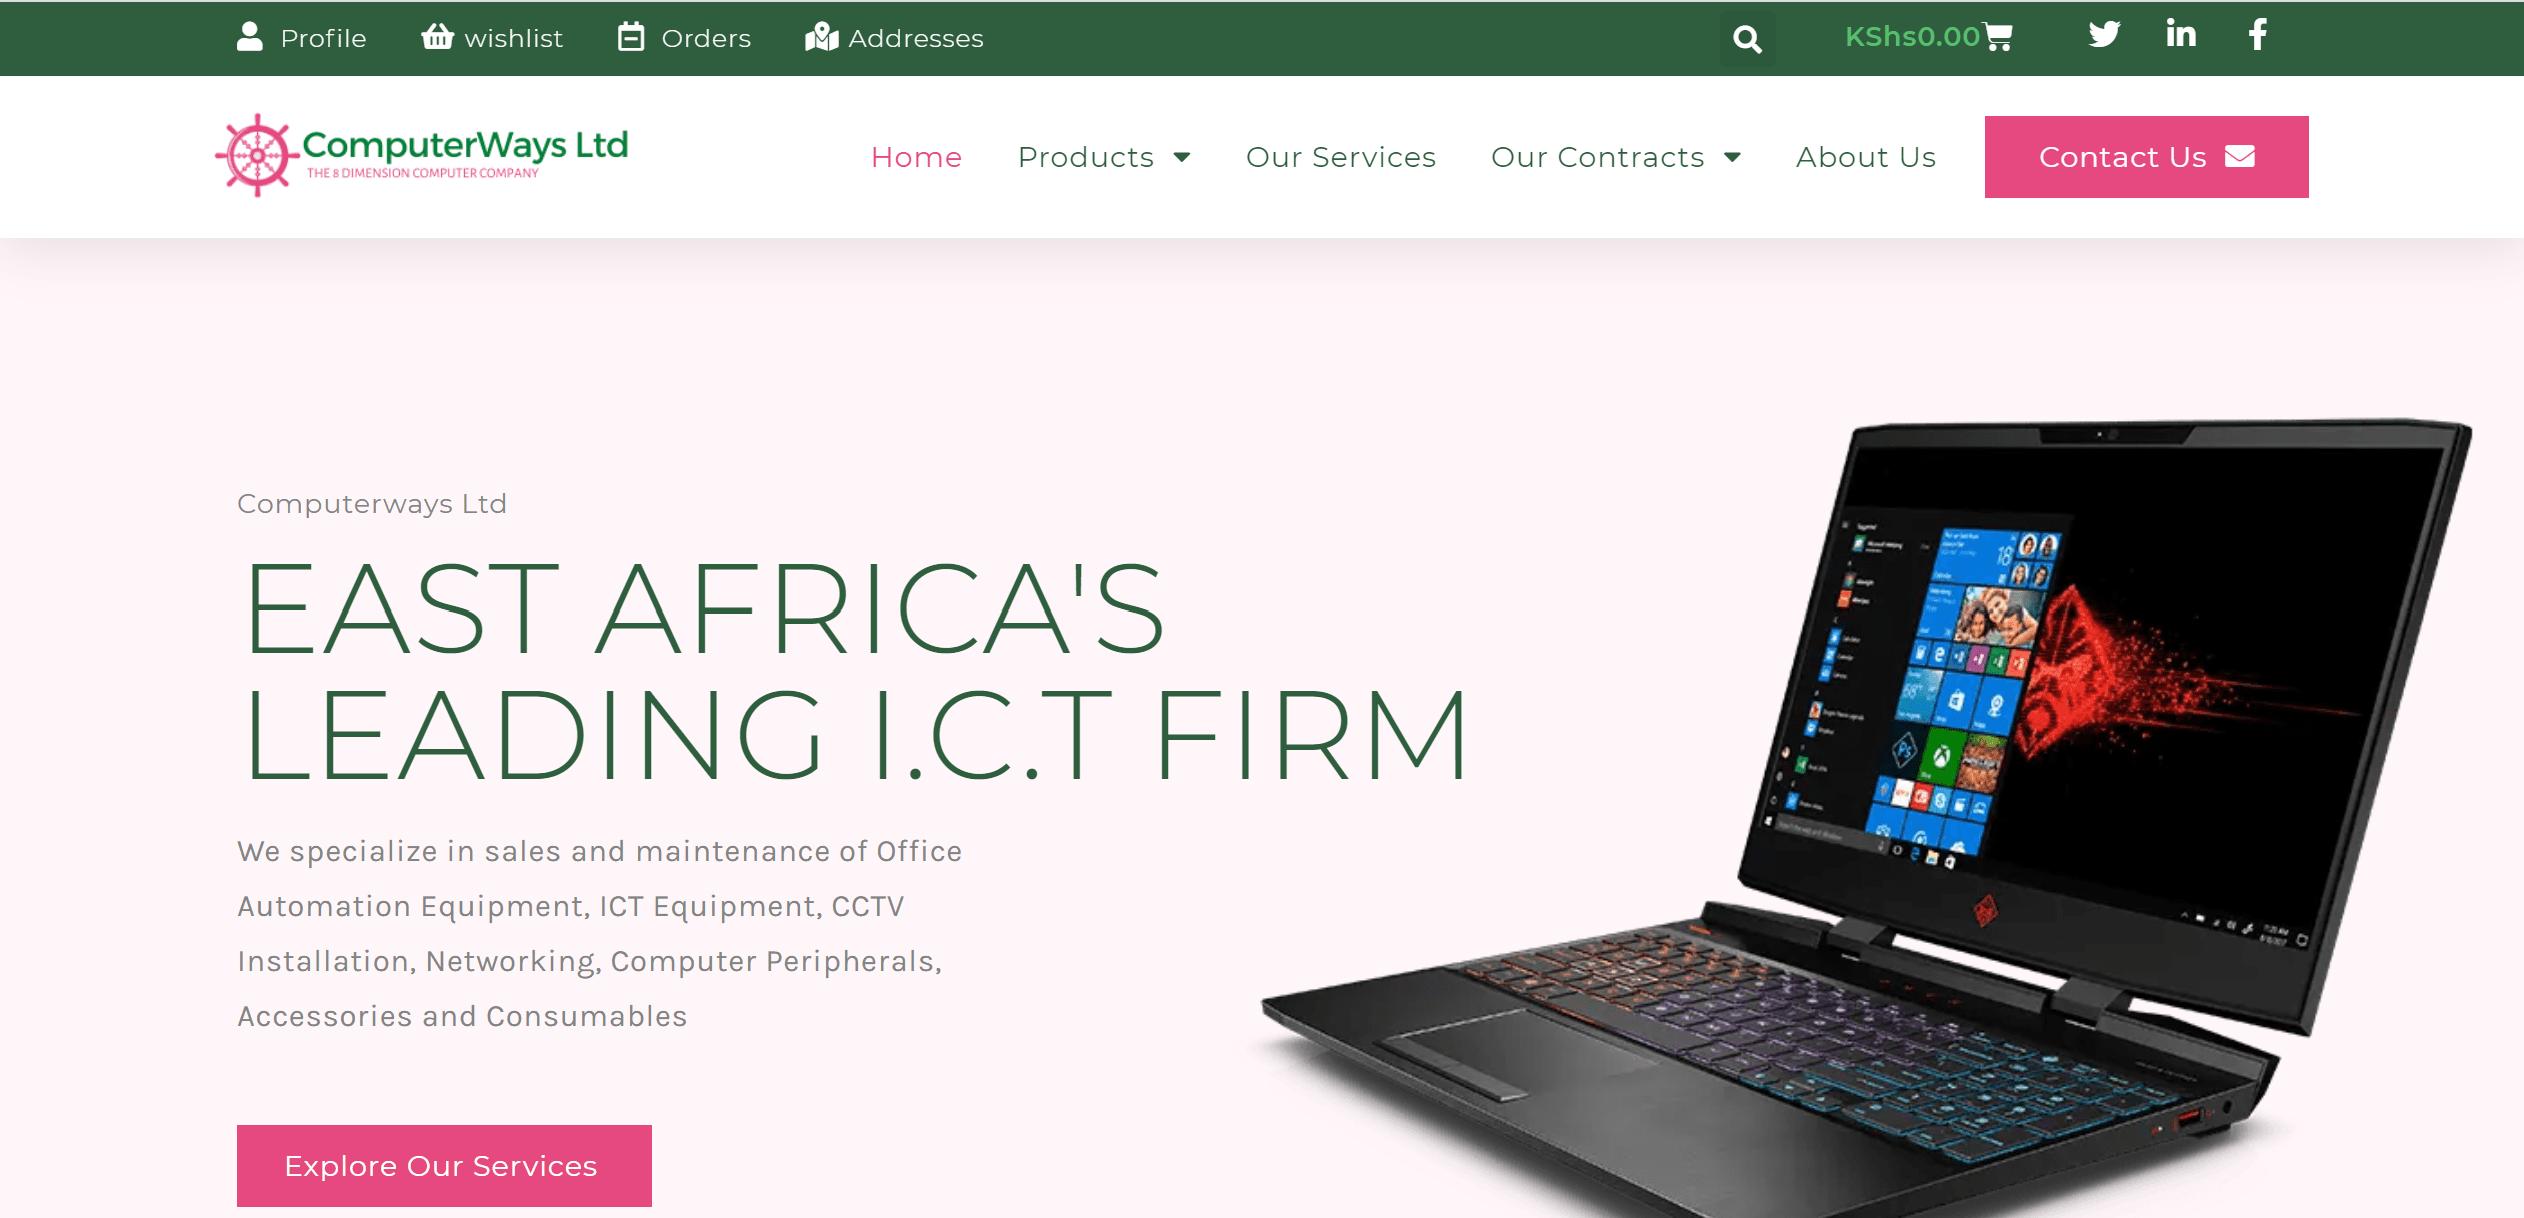 Computerways Ltd Landing Page